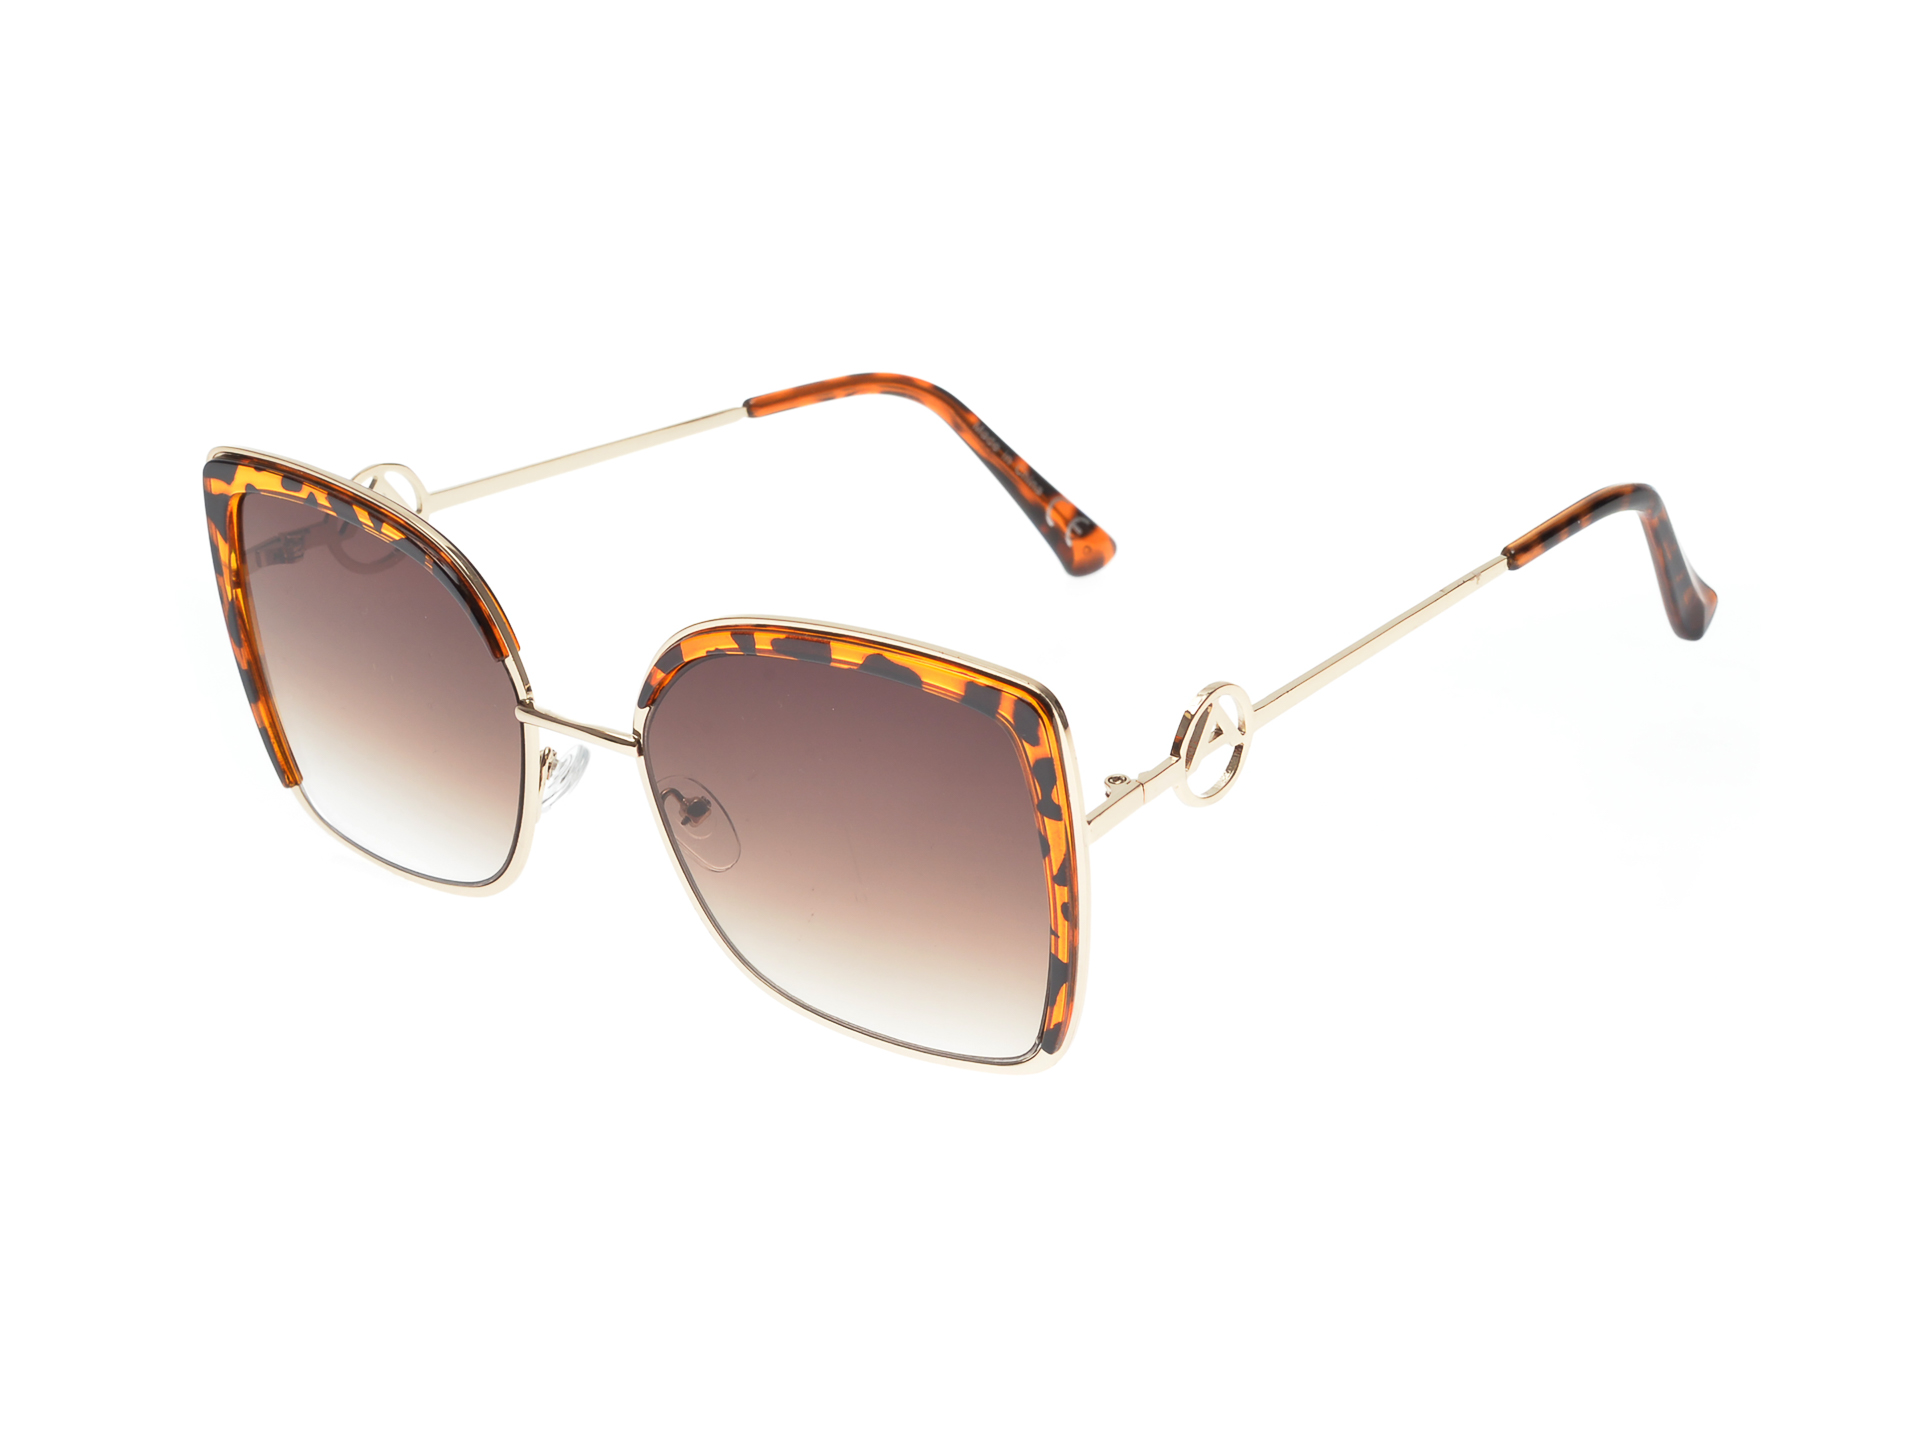 Ochelari de soare ALDO maro, 13051950, din pvc imagine